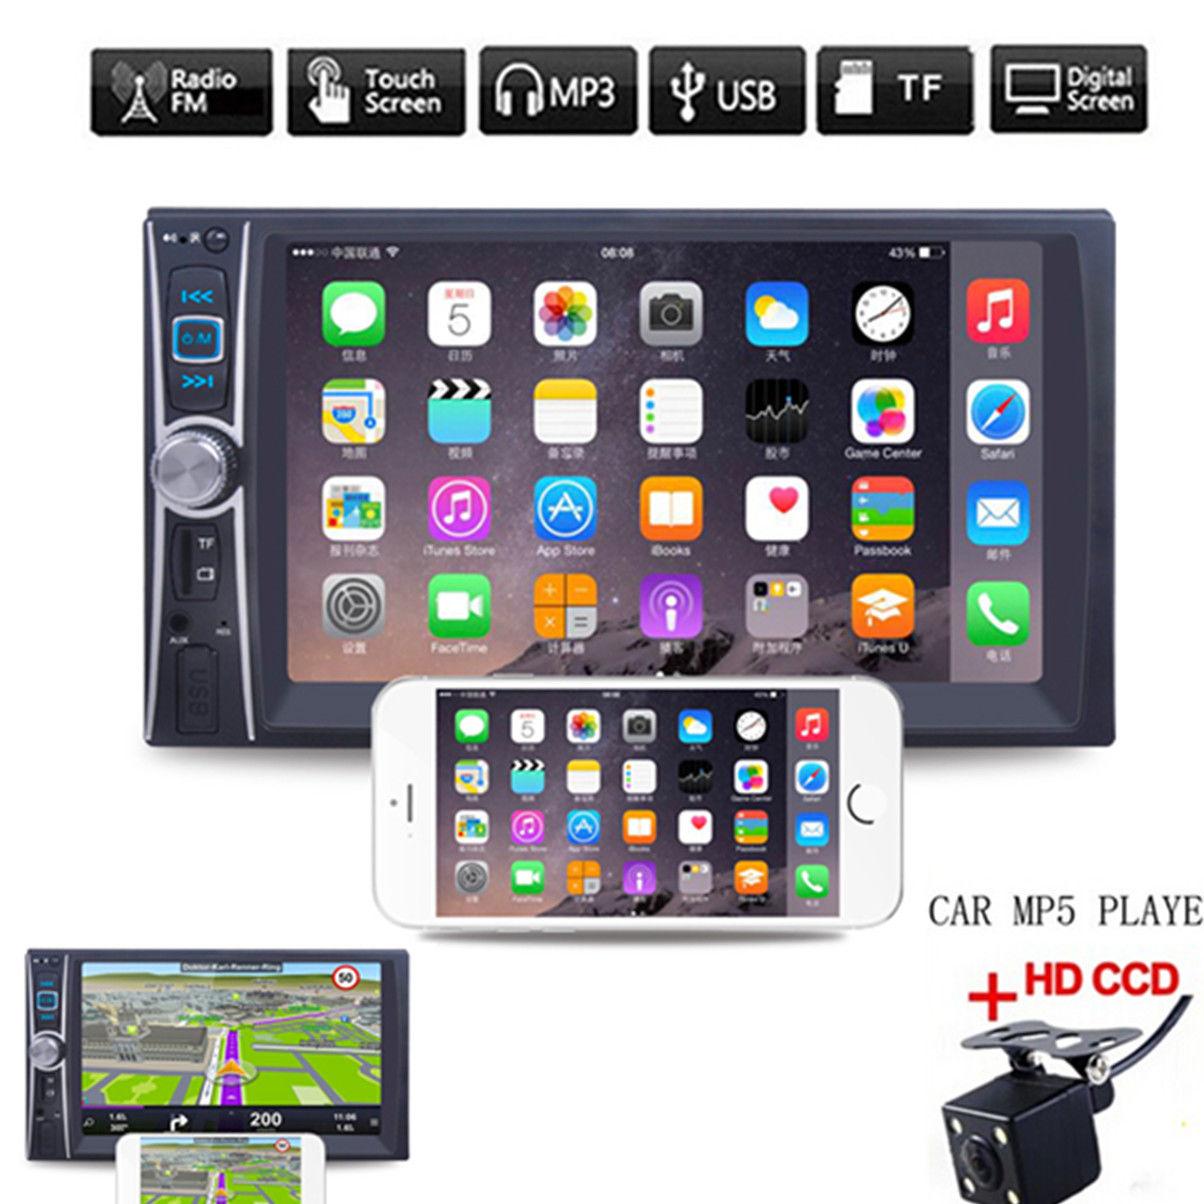 6,6 дюймов FM/USB/AUX сенсорный экран автомобиля MP5 плеер универсальный MP5 Muisic плеер Авто MP5 плеер Bluetooth MP5 плеер горячая распродажа